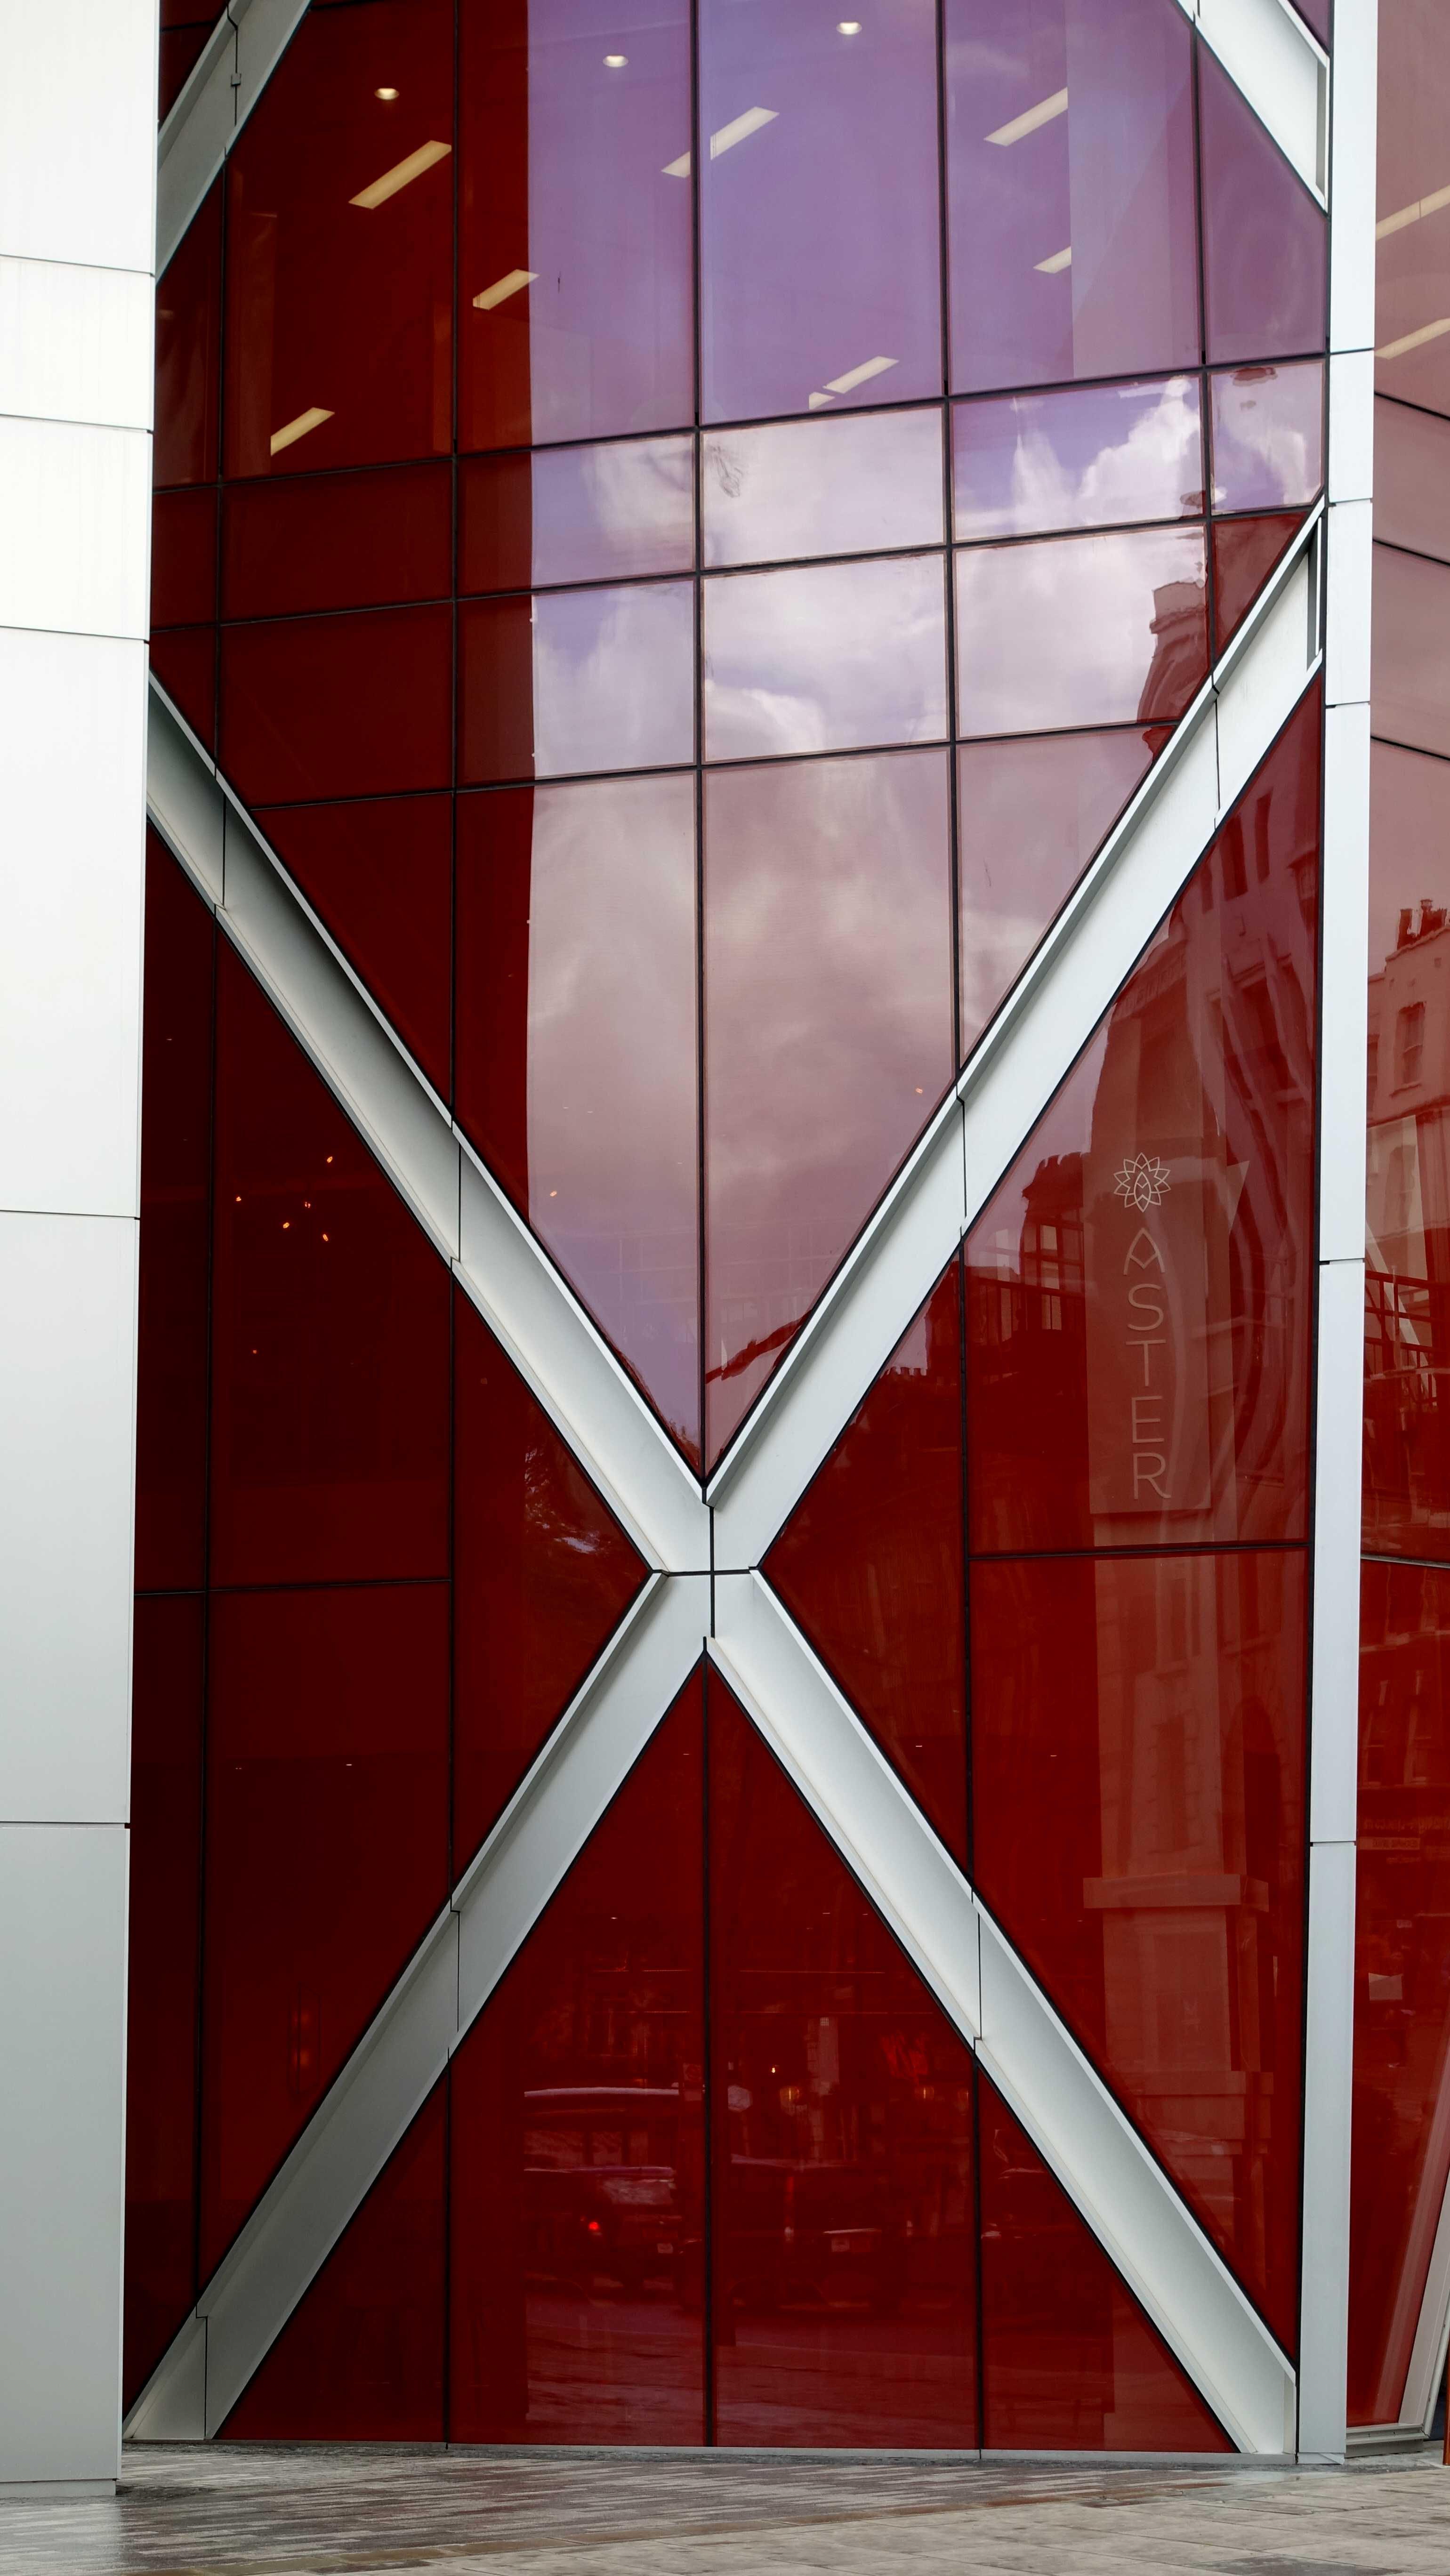 Free stock photo of modern architecture, red, silver, skyscraper